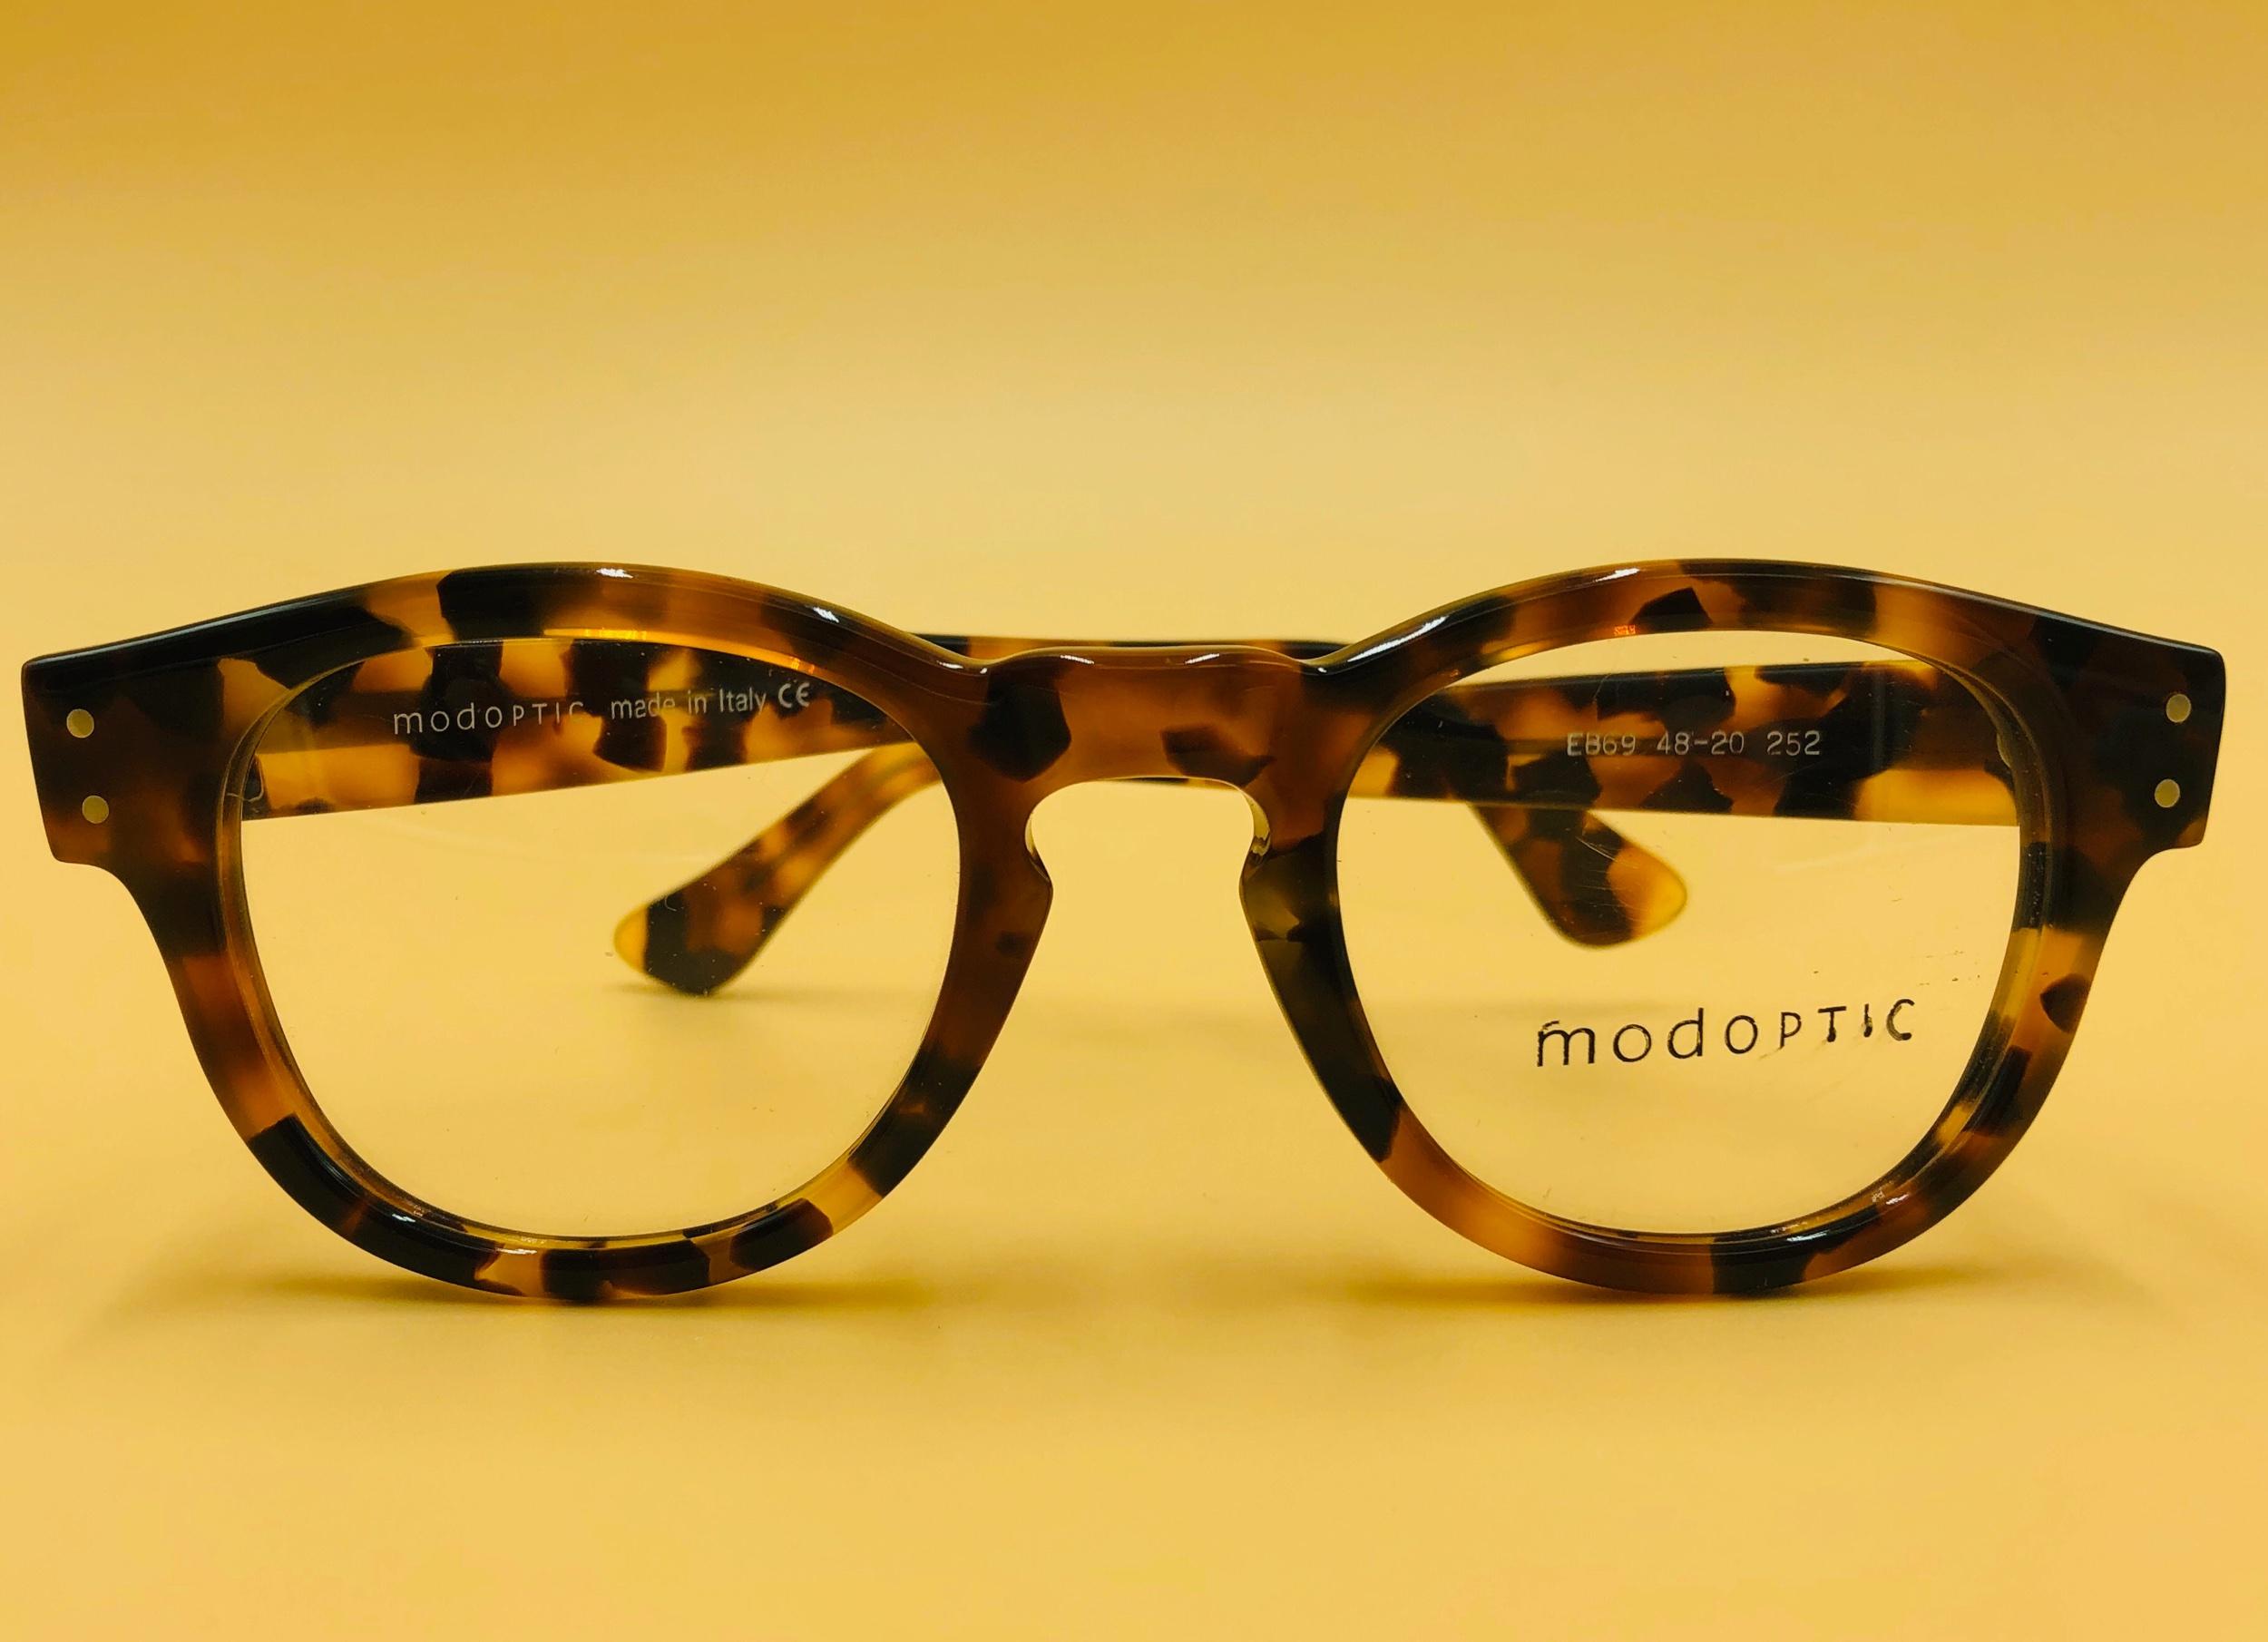 MODOPTIC